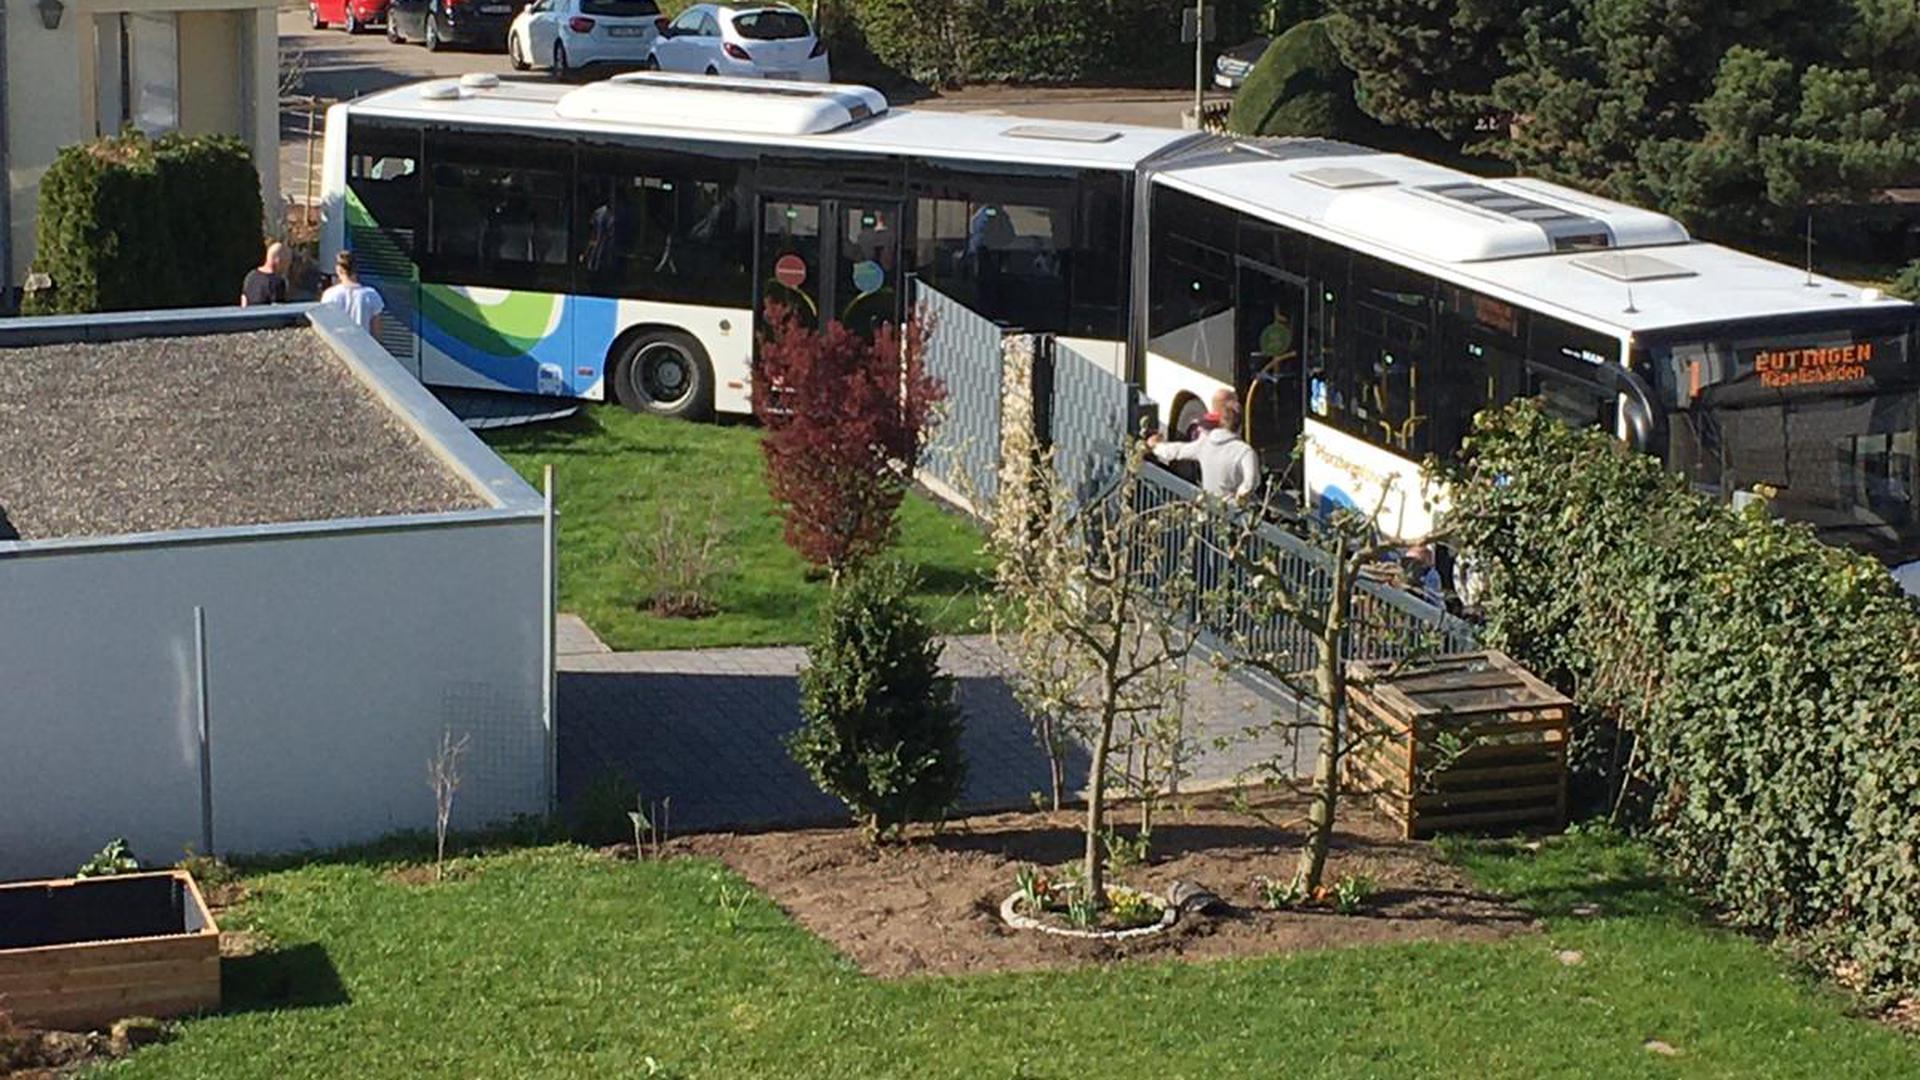 Ein Gelenkbus steht mit dem Heck im Garten vor Reihenhäusern.